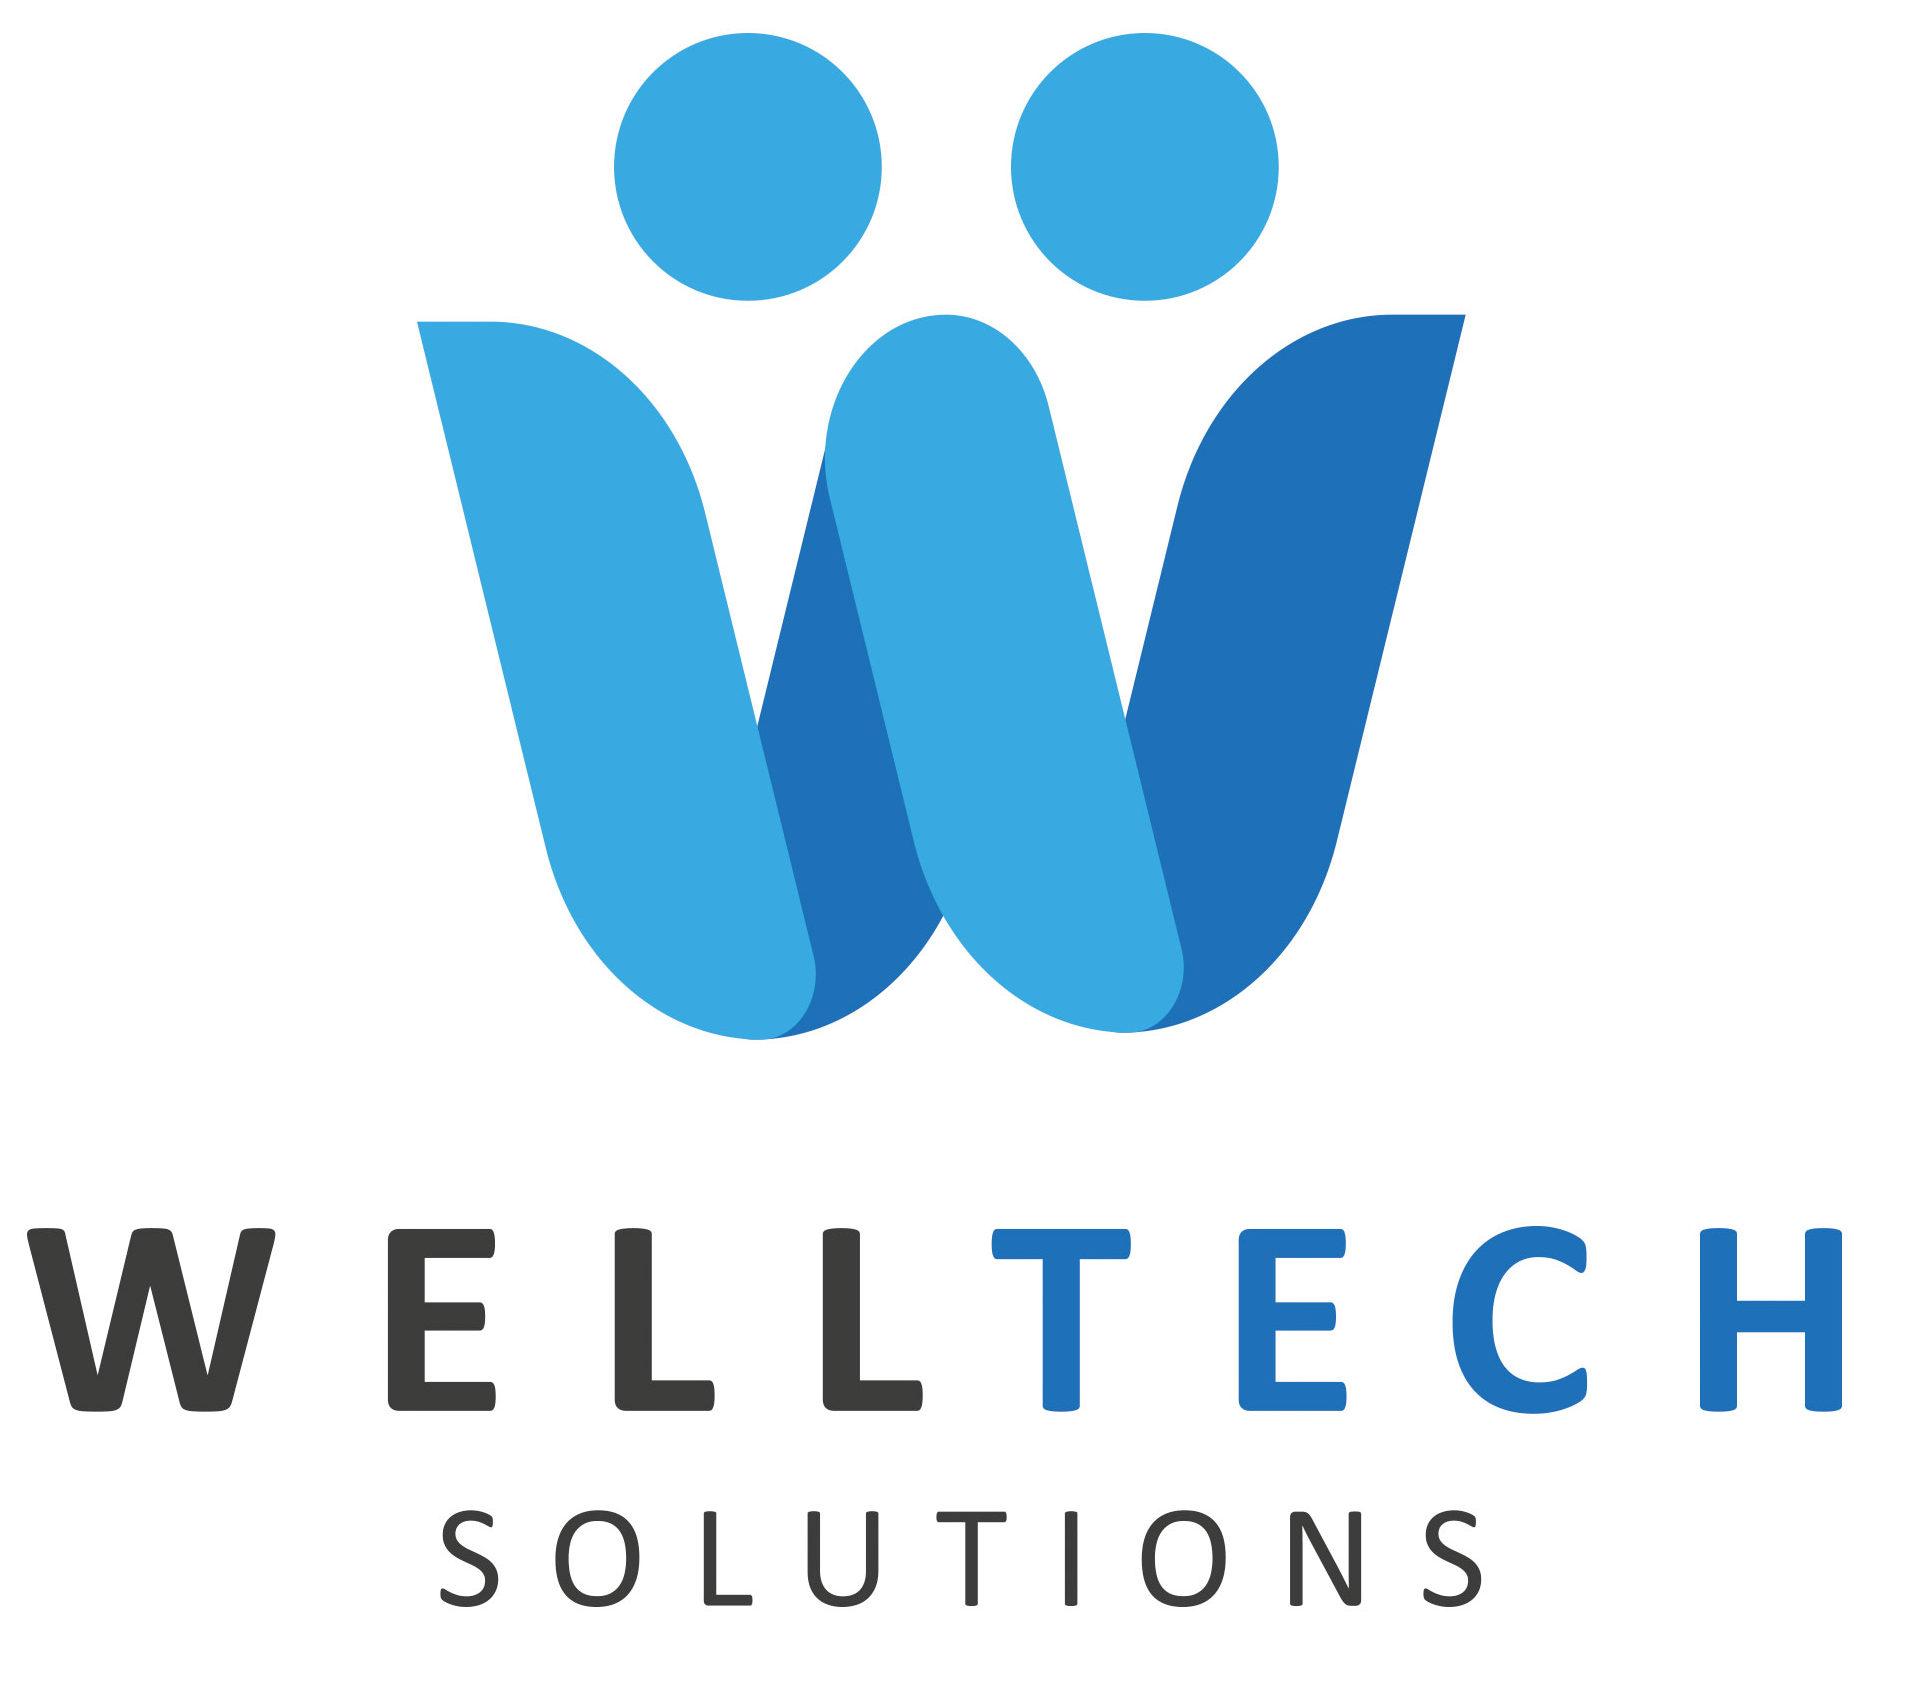 WellTech Solutions Online Shop